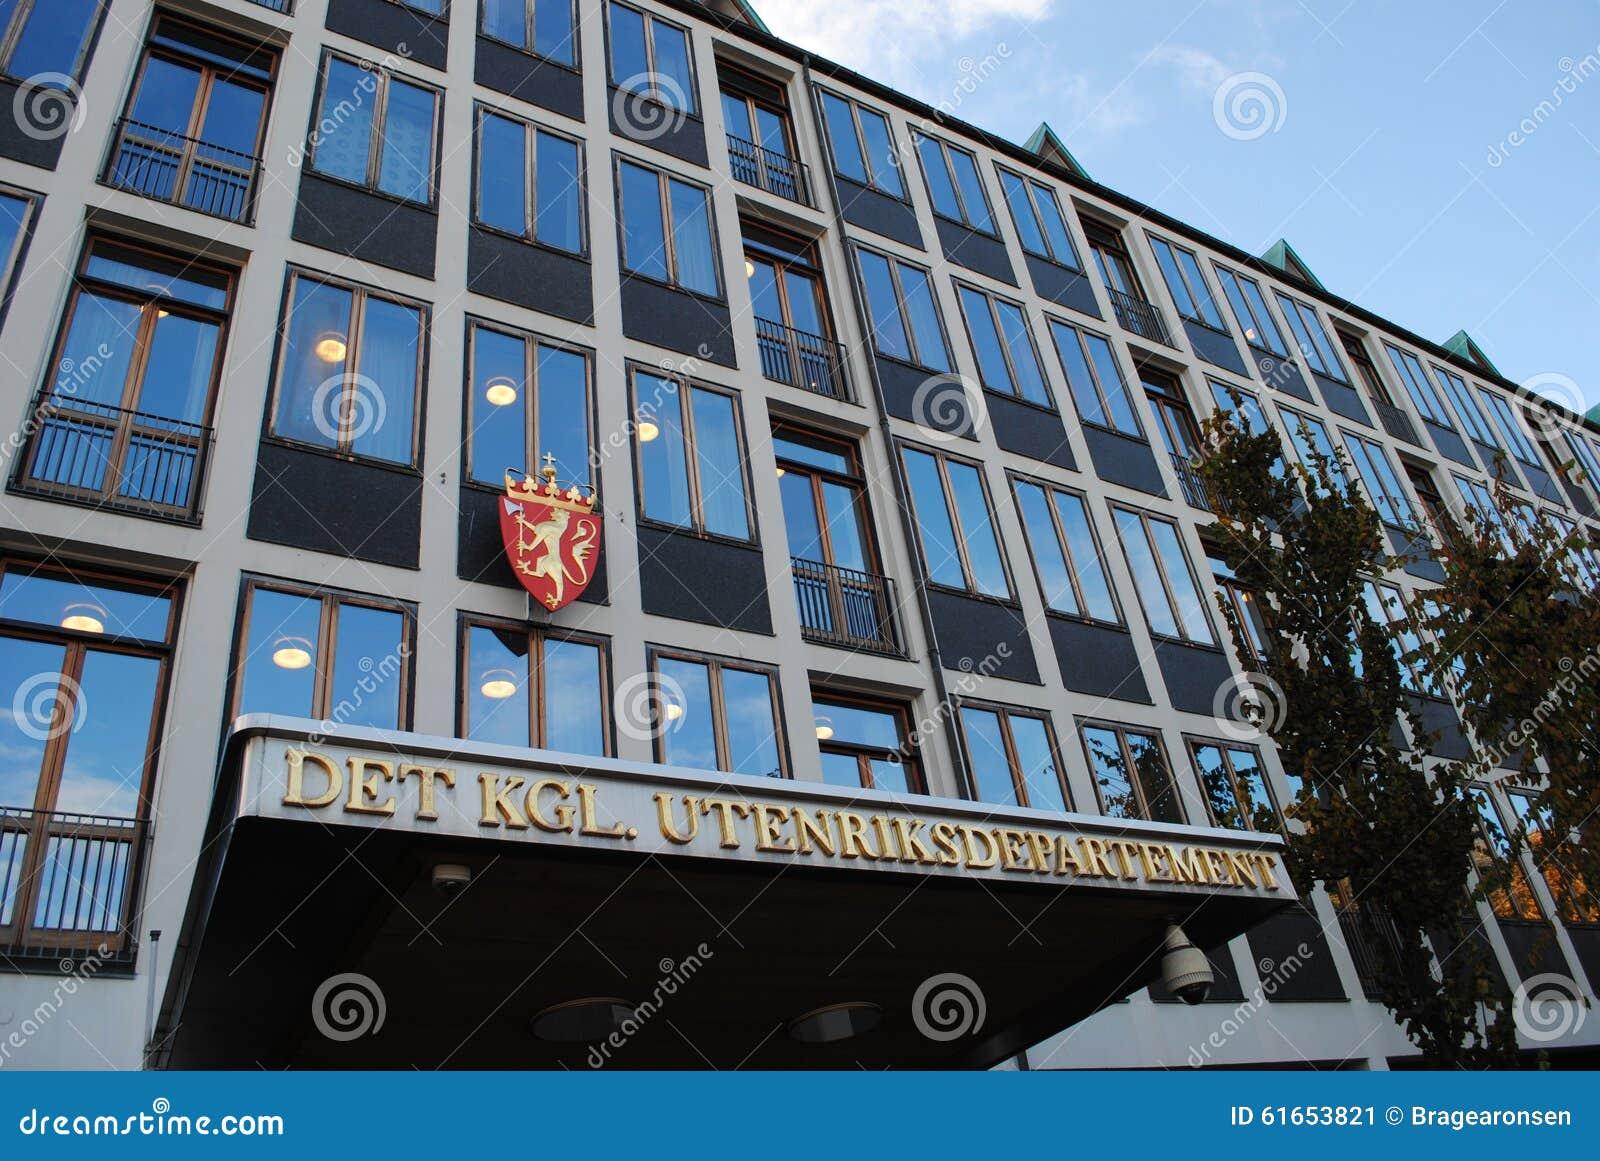 Il ministero degli affari esteri norvegese